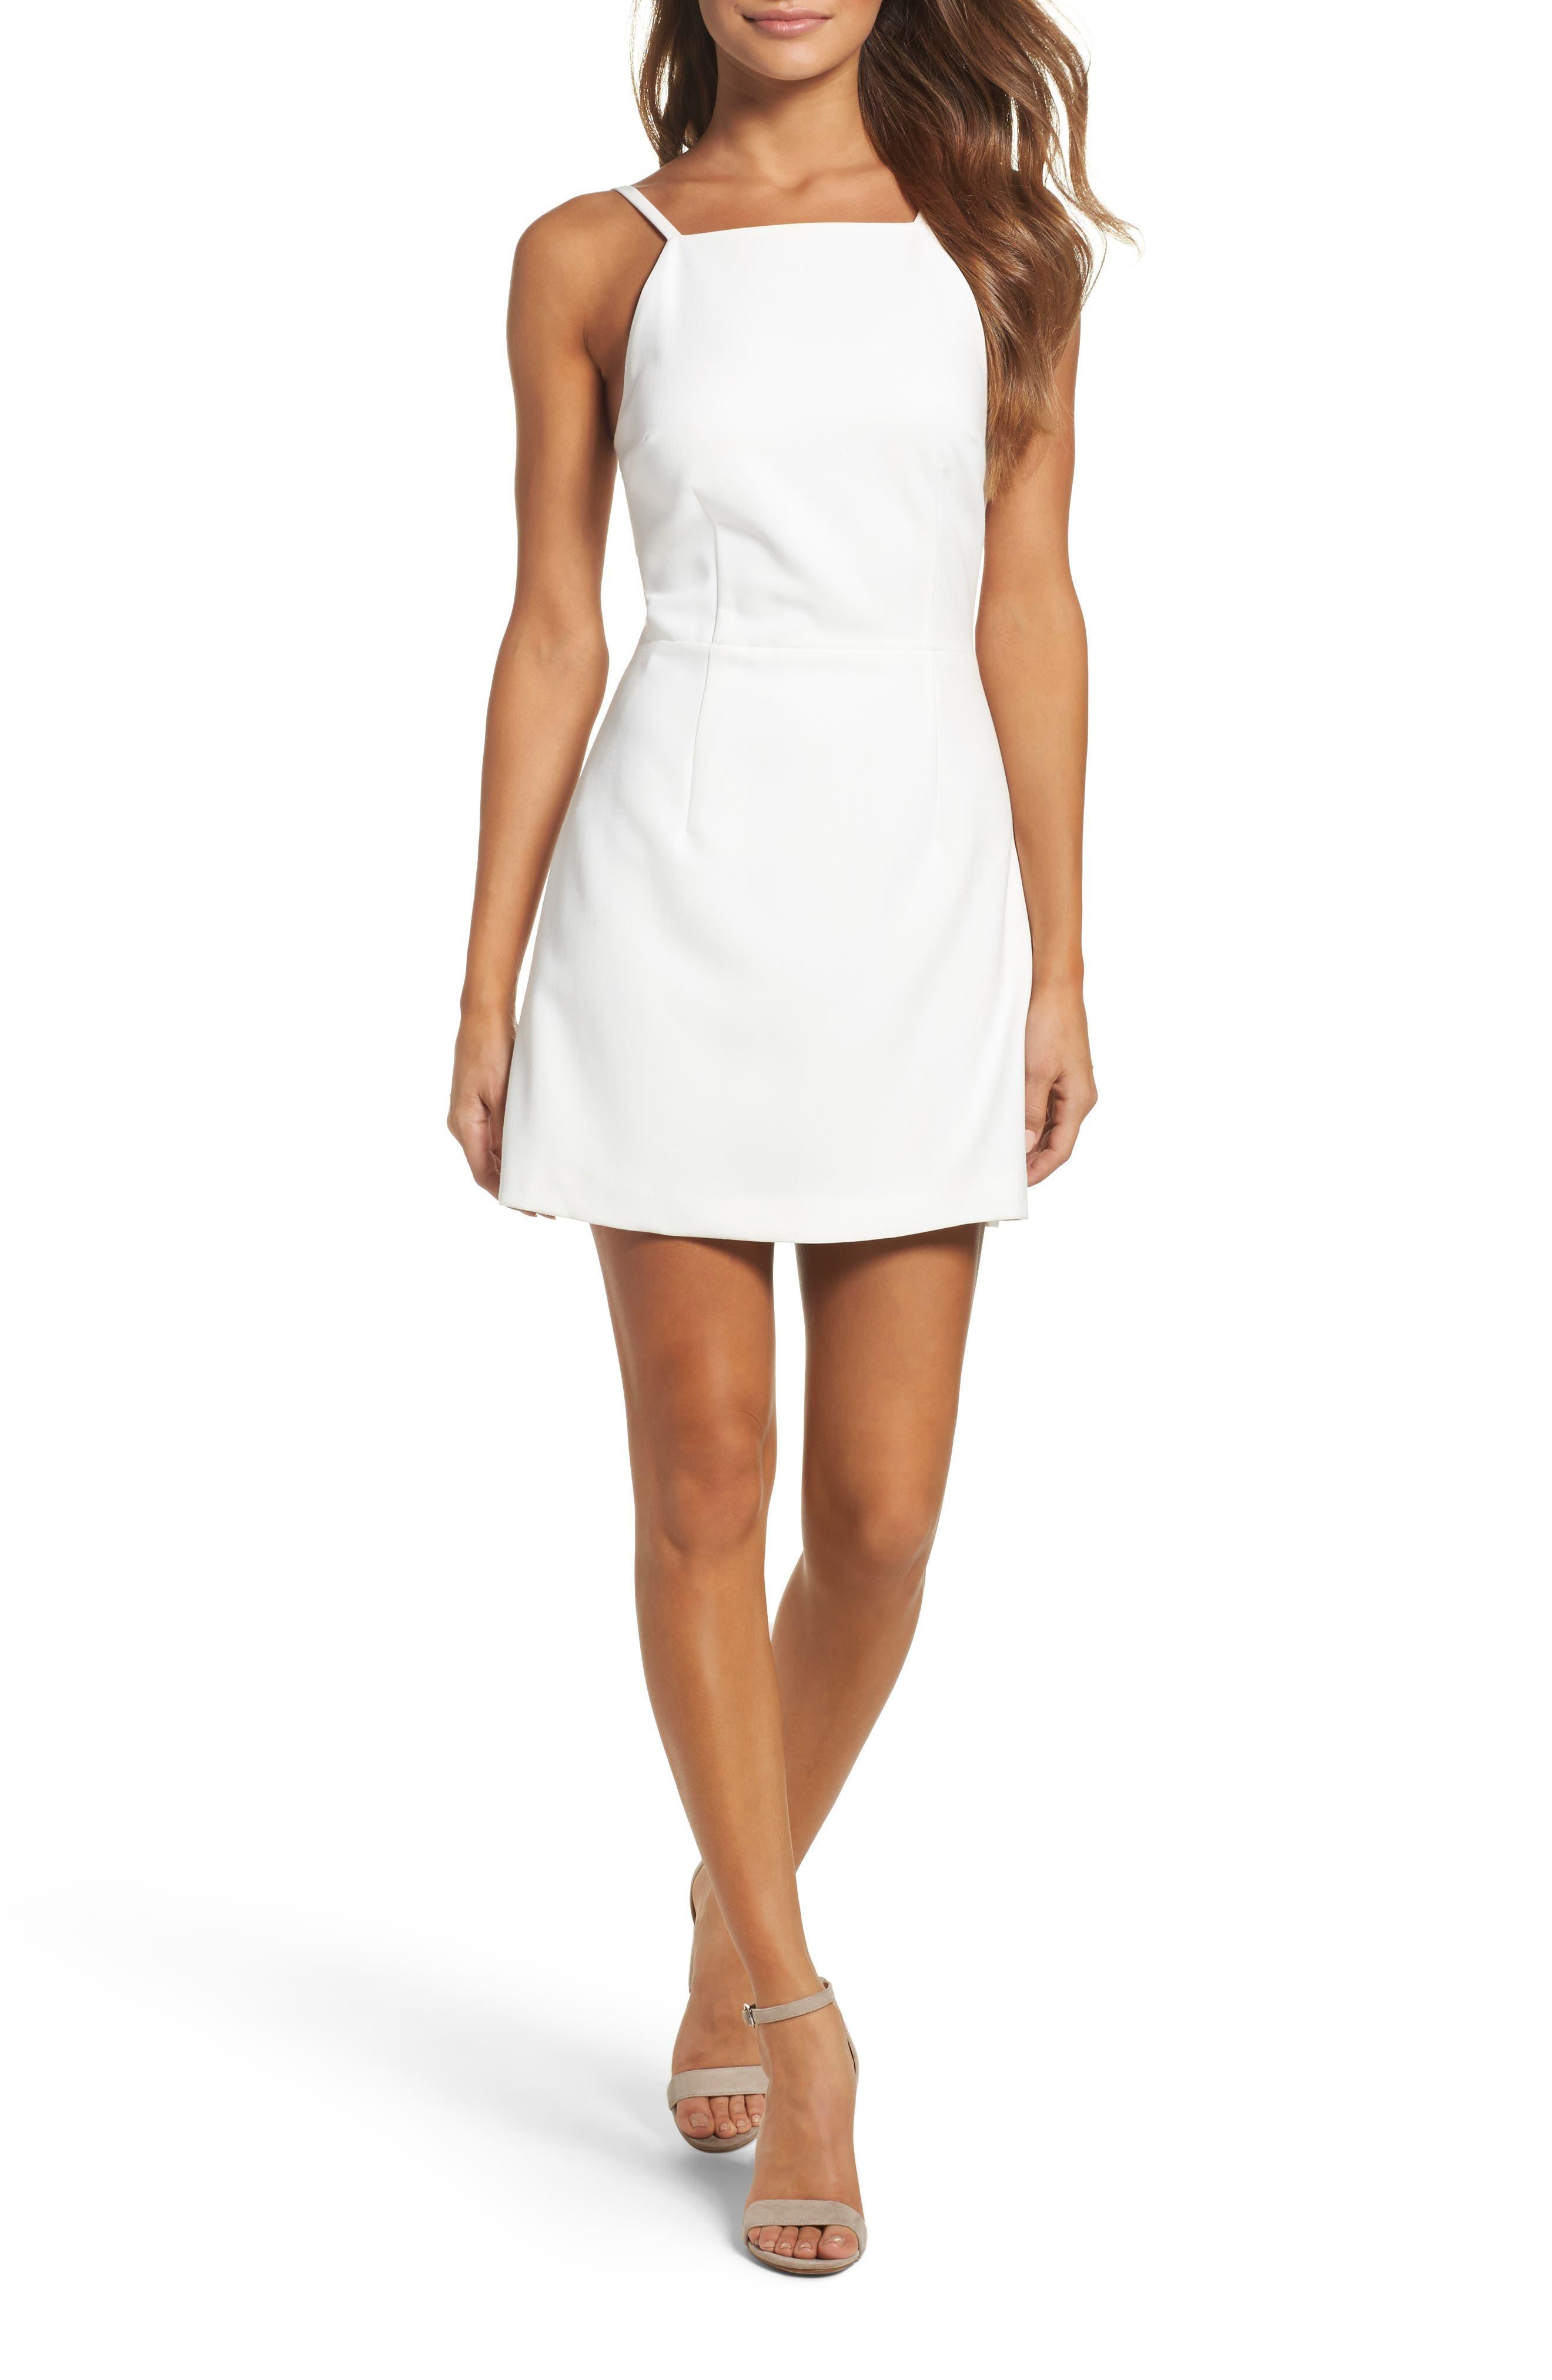 Nordstrom white dresses